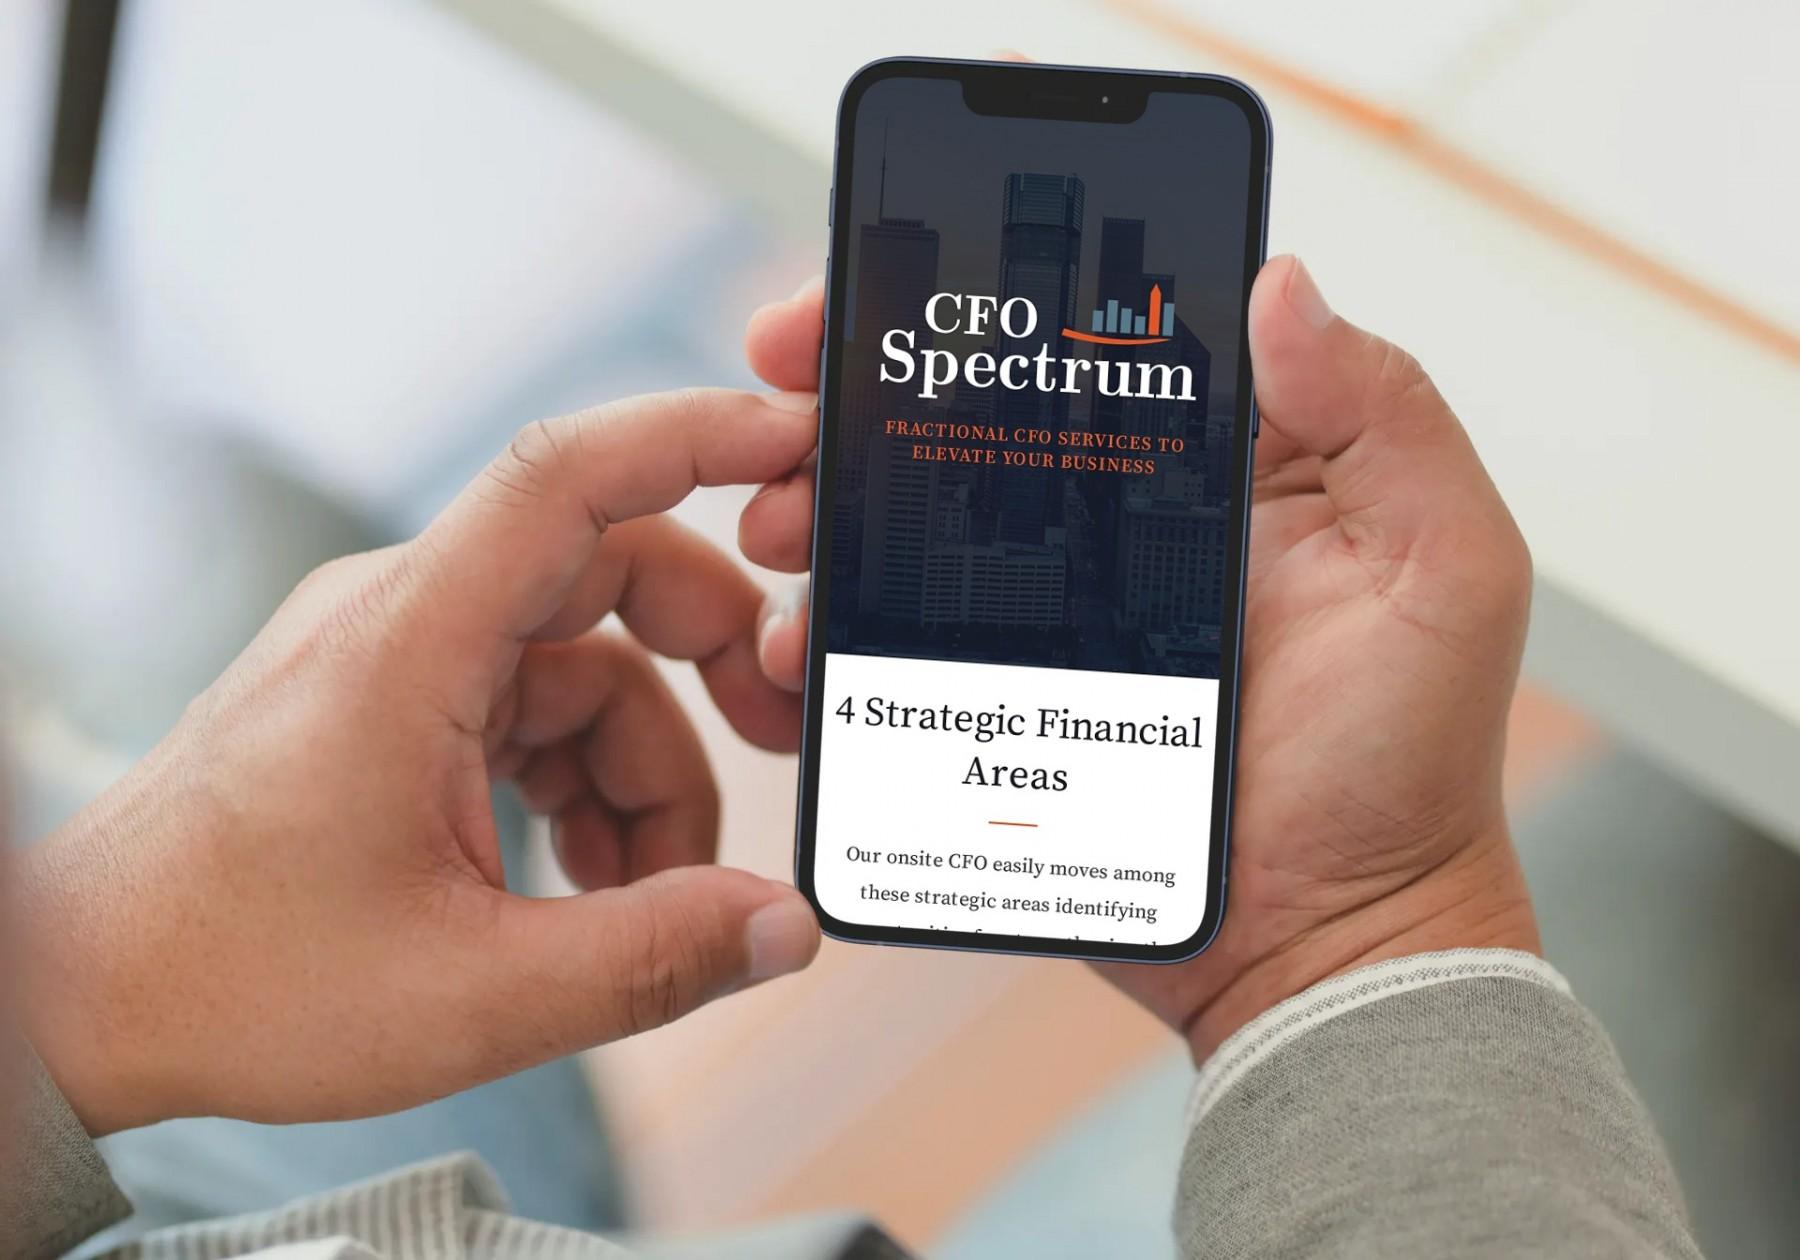 CFO Spectrum Website Design - Smartphone